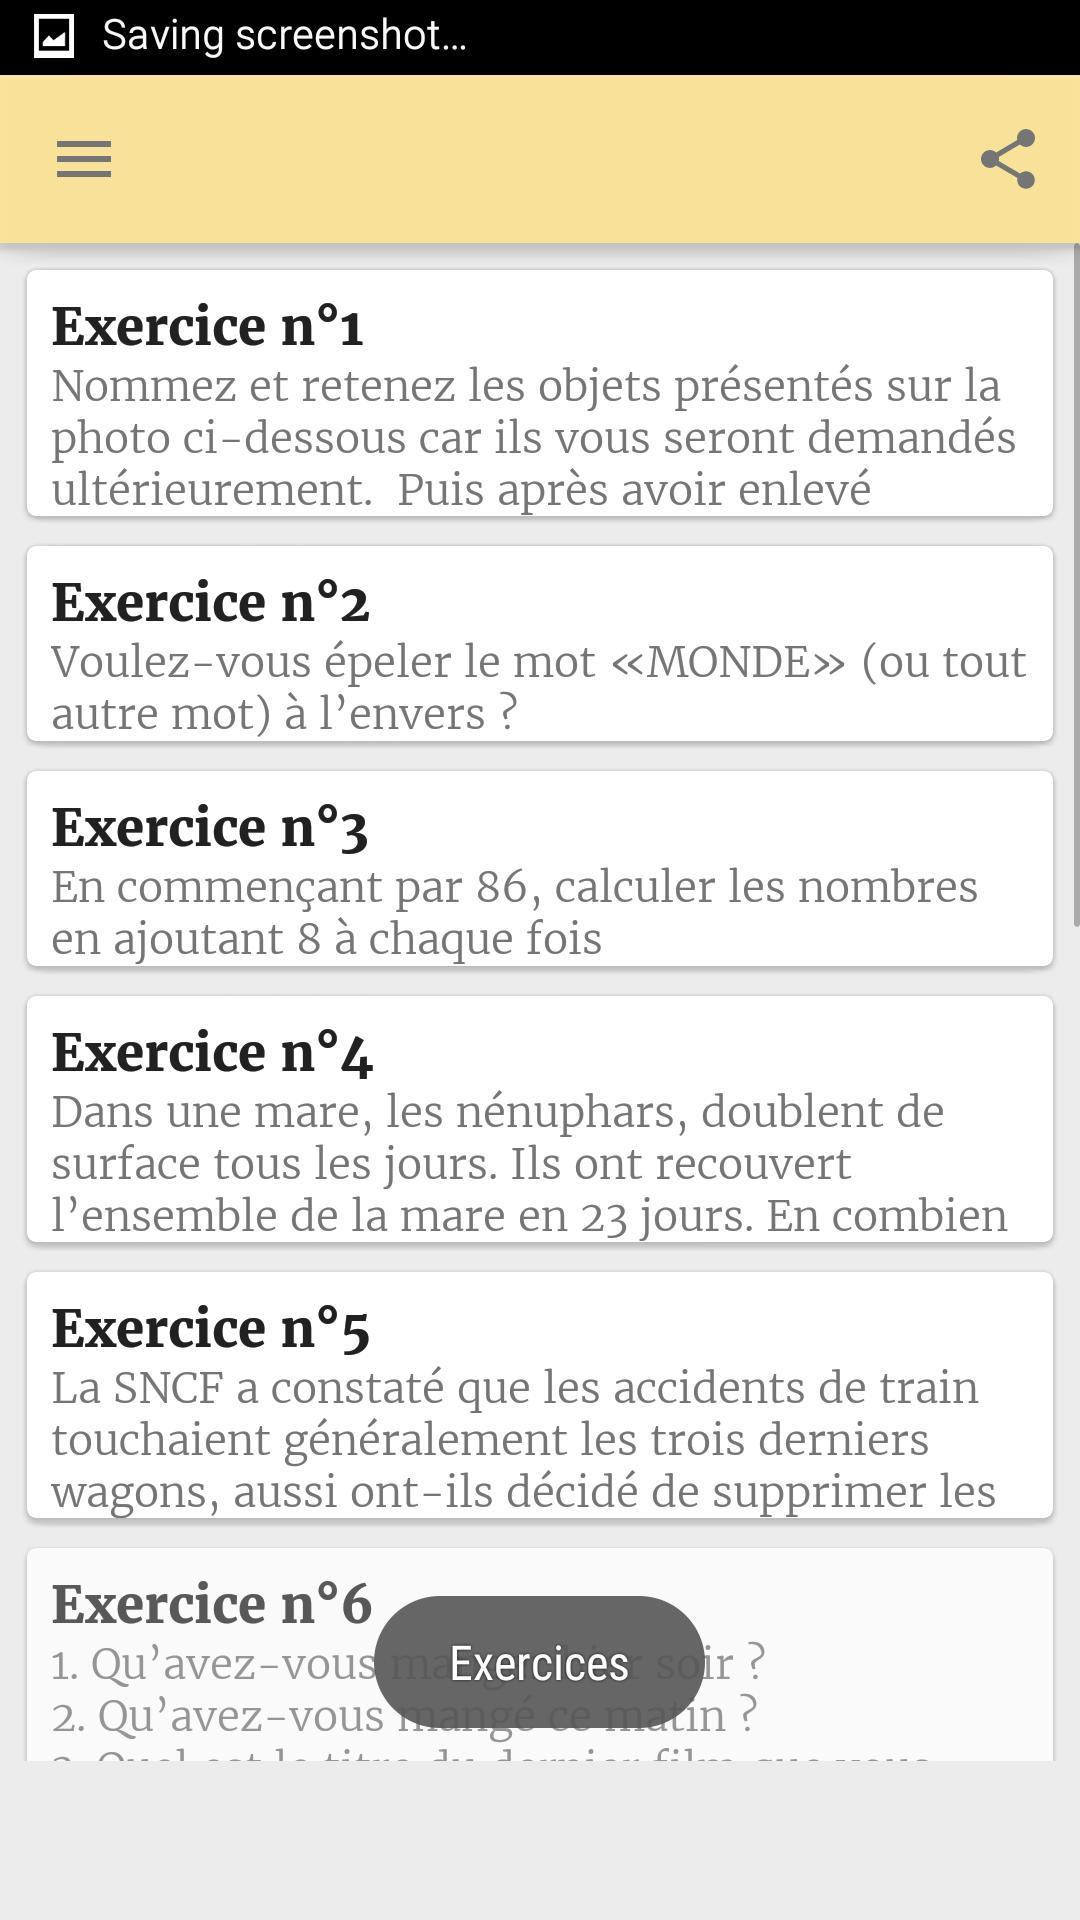 Android Için Mémoire Et Concentration Mentale - Apk'yı İndir à Jeux De Mémoire À Imprimer Pour Adultes